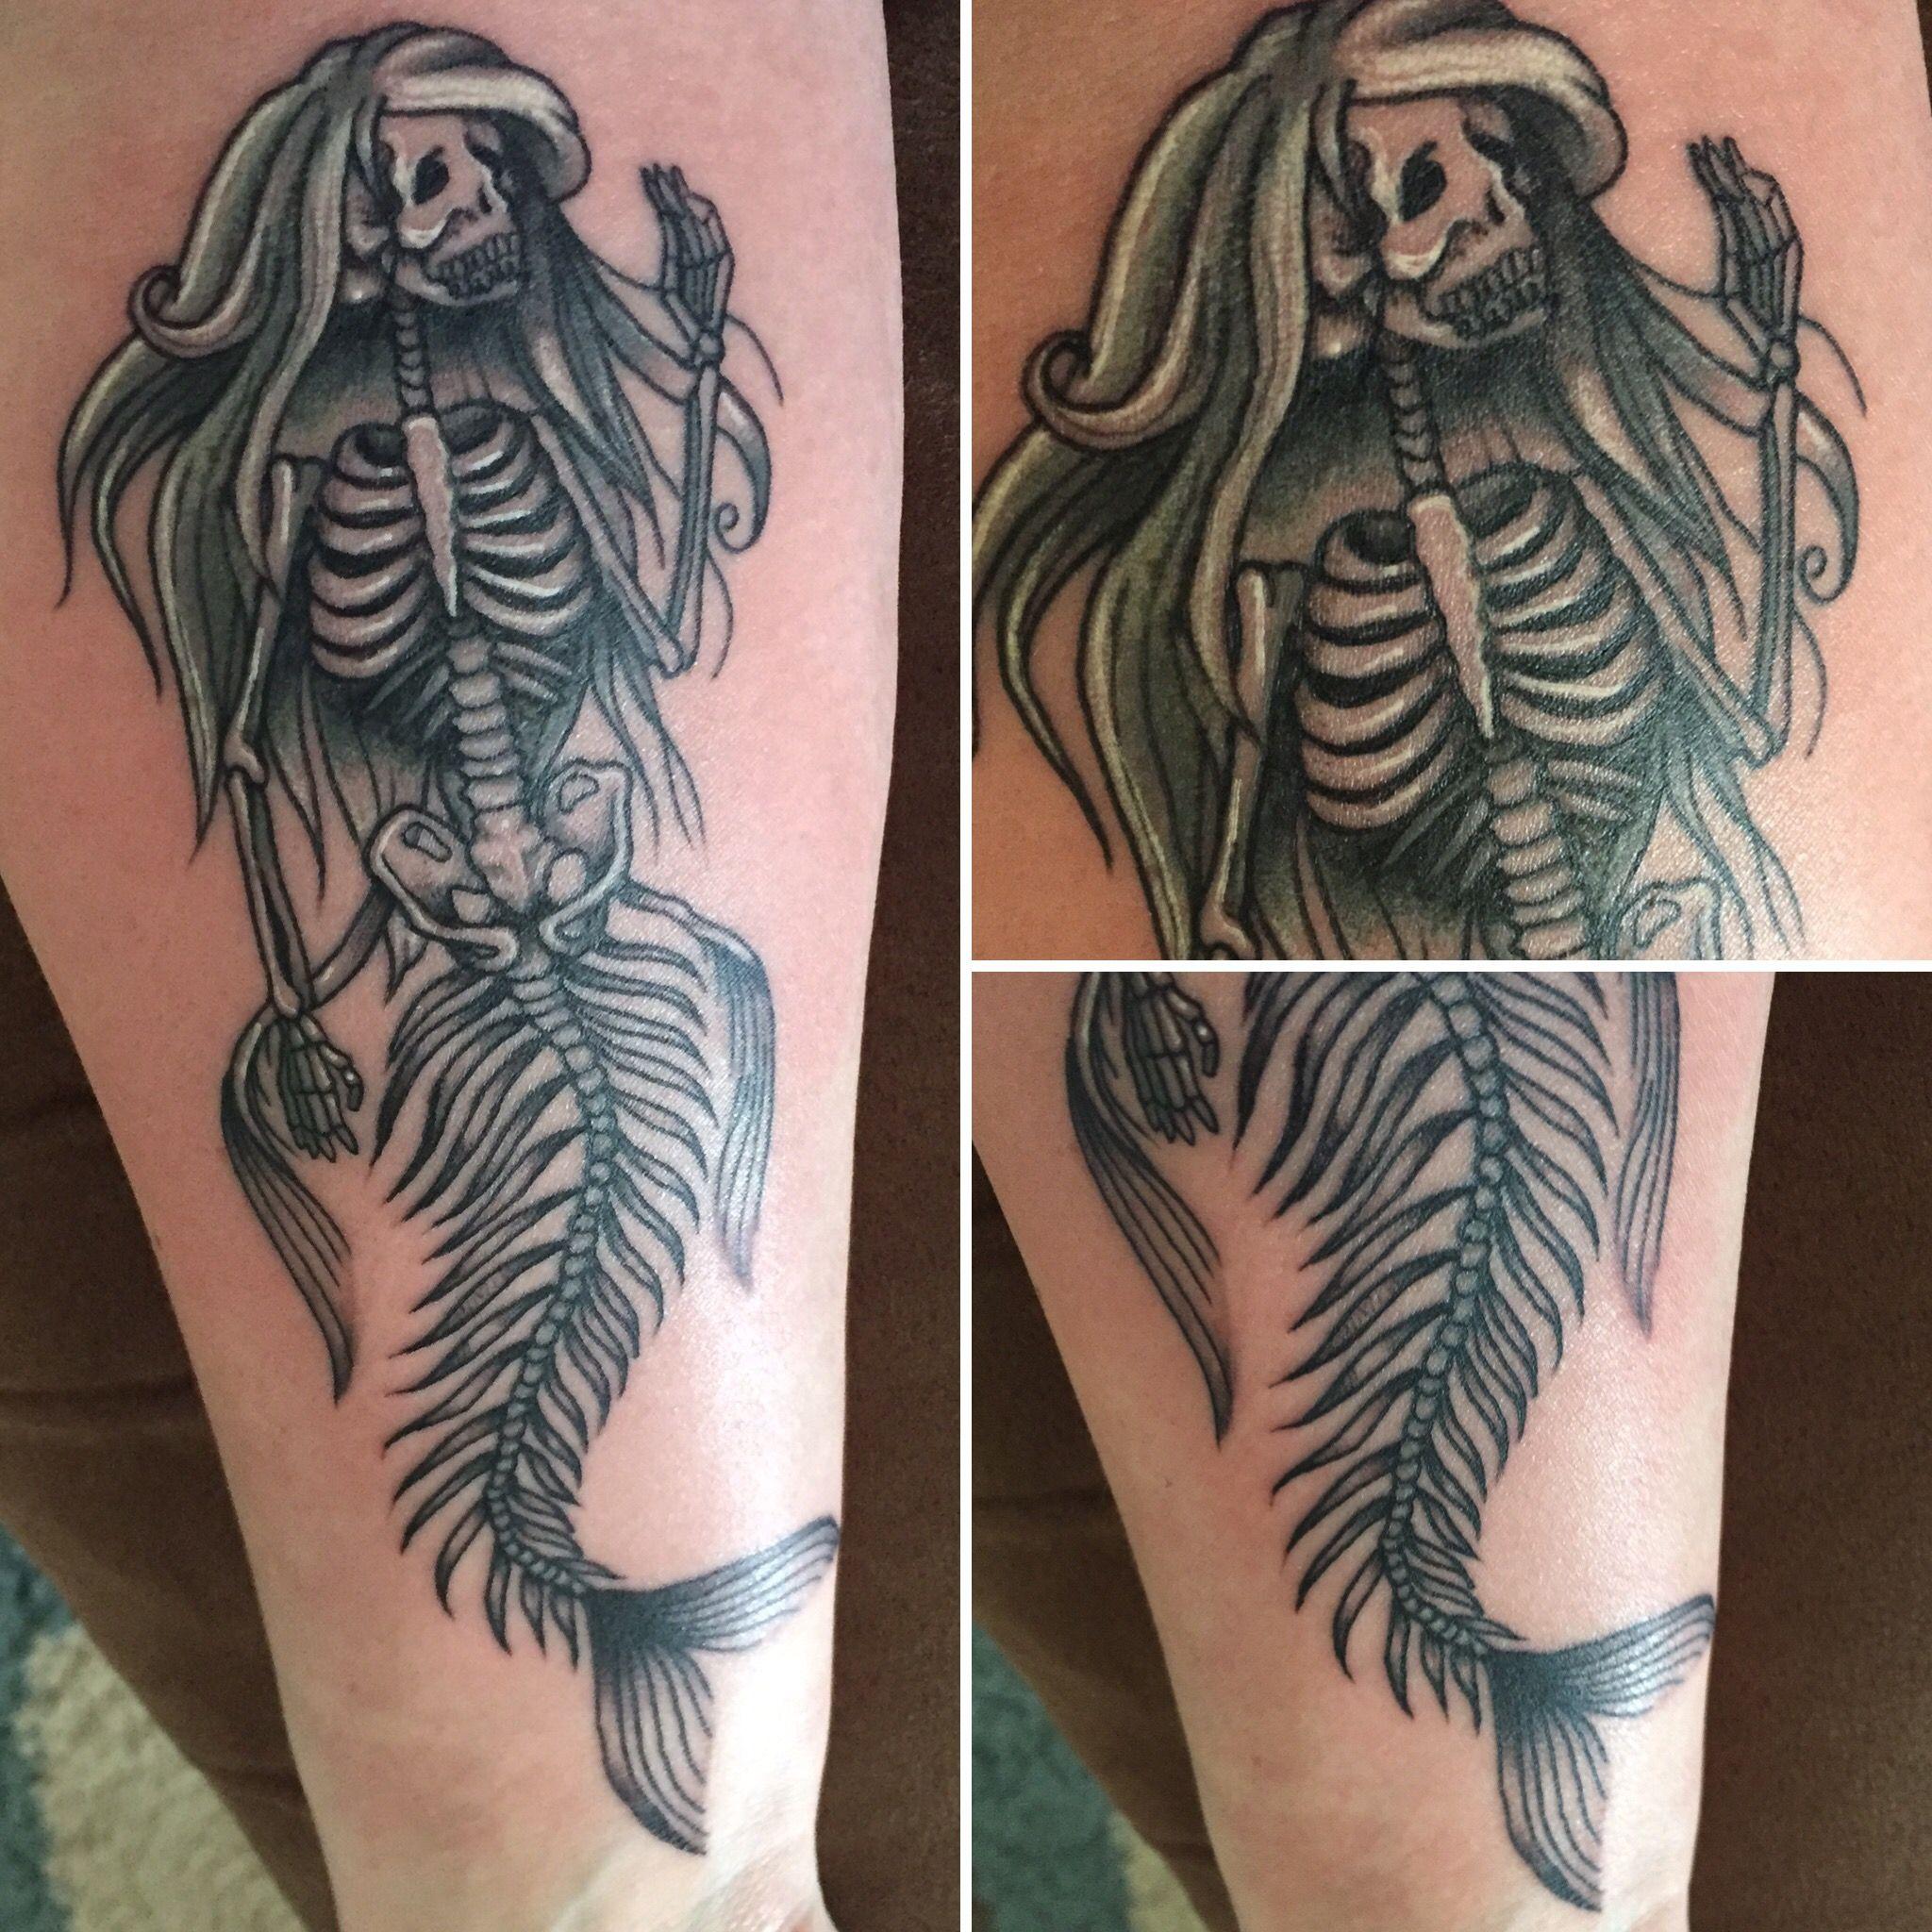 Mermaid skeleton tattoo tattoo ideas pinterest for Mermaid tattoos pinterest